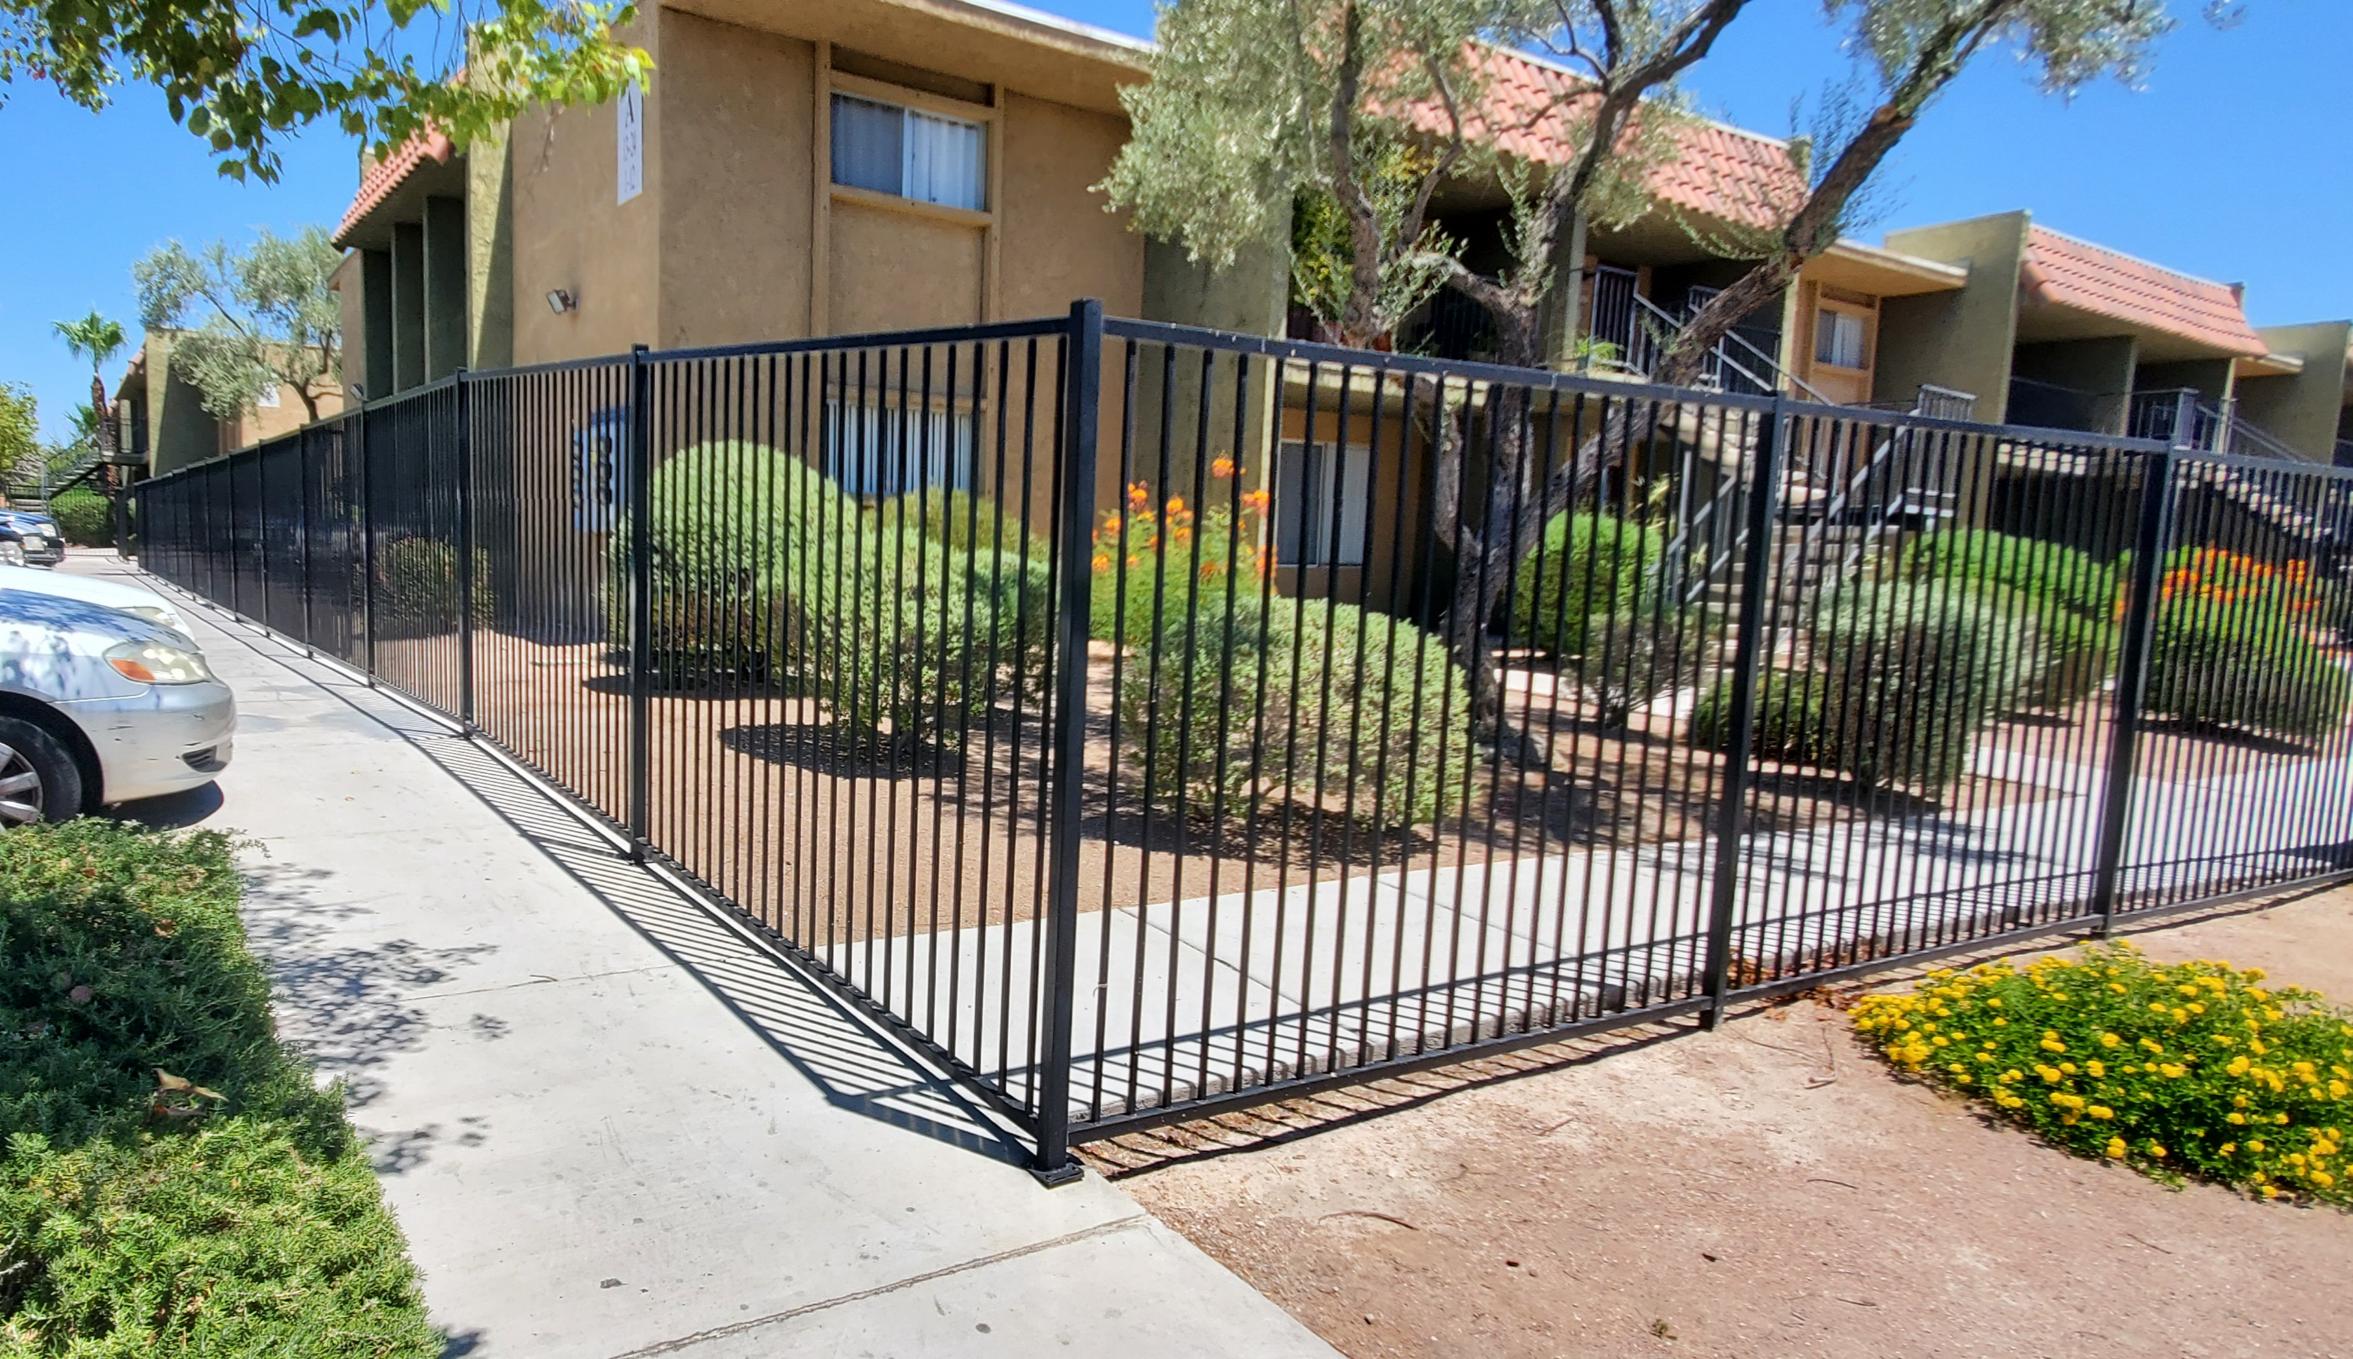 Fences Las vegas - Intrepid Metal Works Inc.